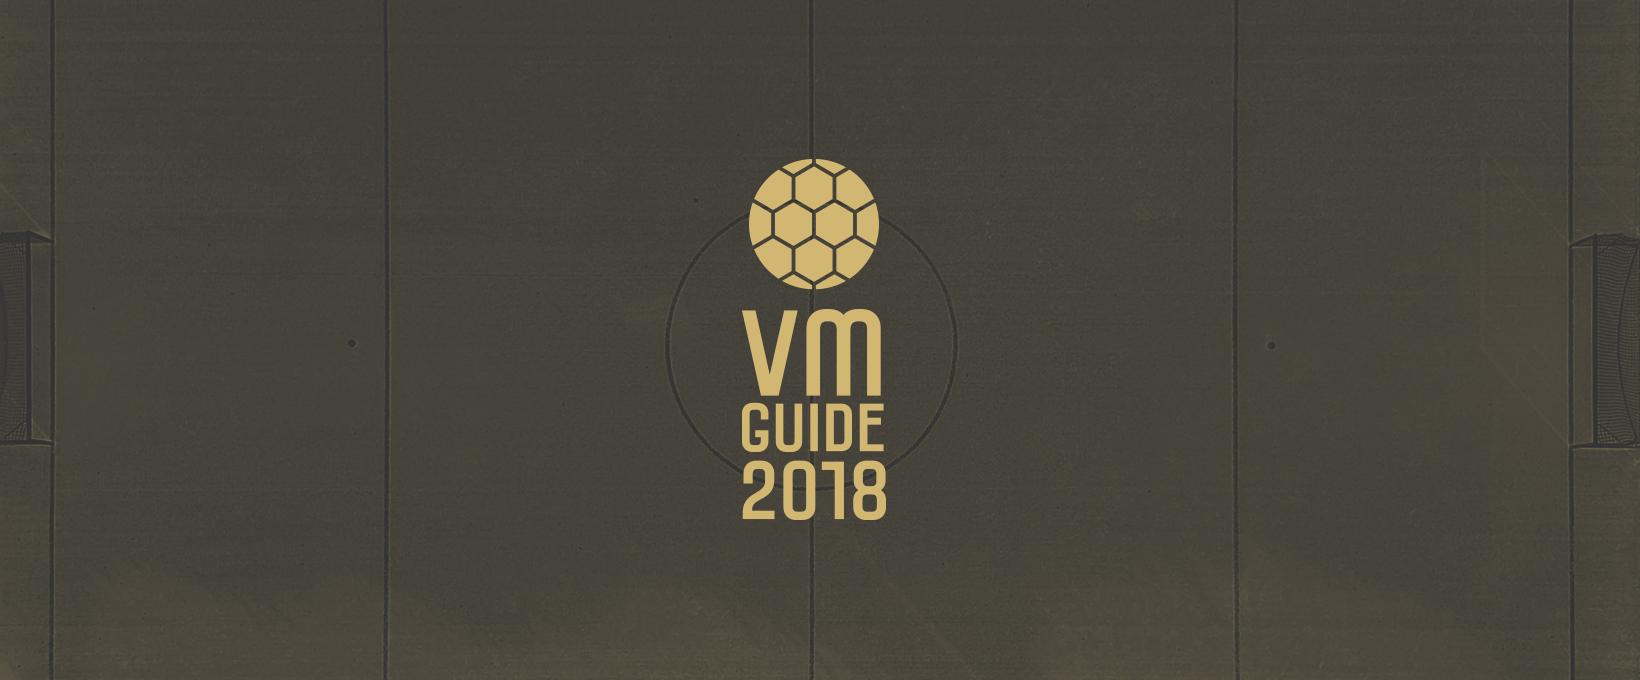 🇩🇪 Tysklands landslag i fotboll - VM-guide med spelschema och tv-tider 98ae0764e97bf